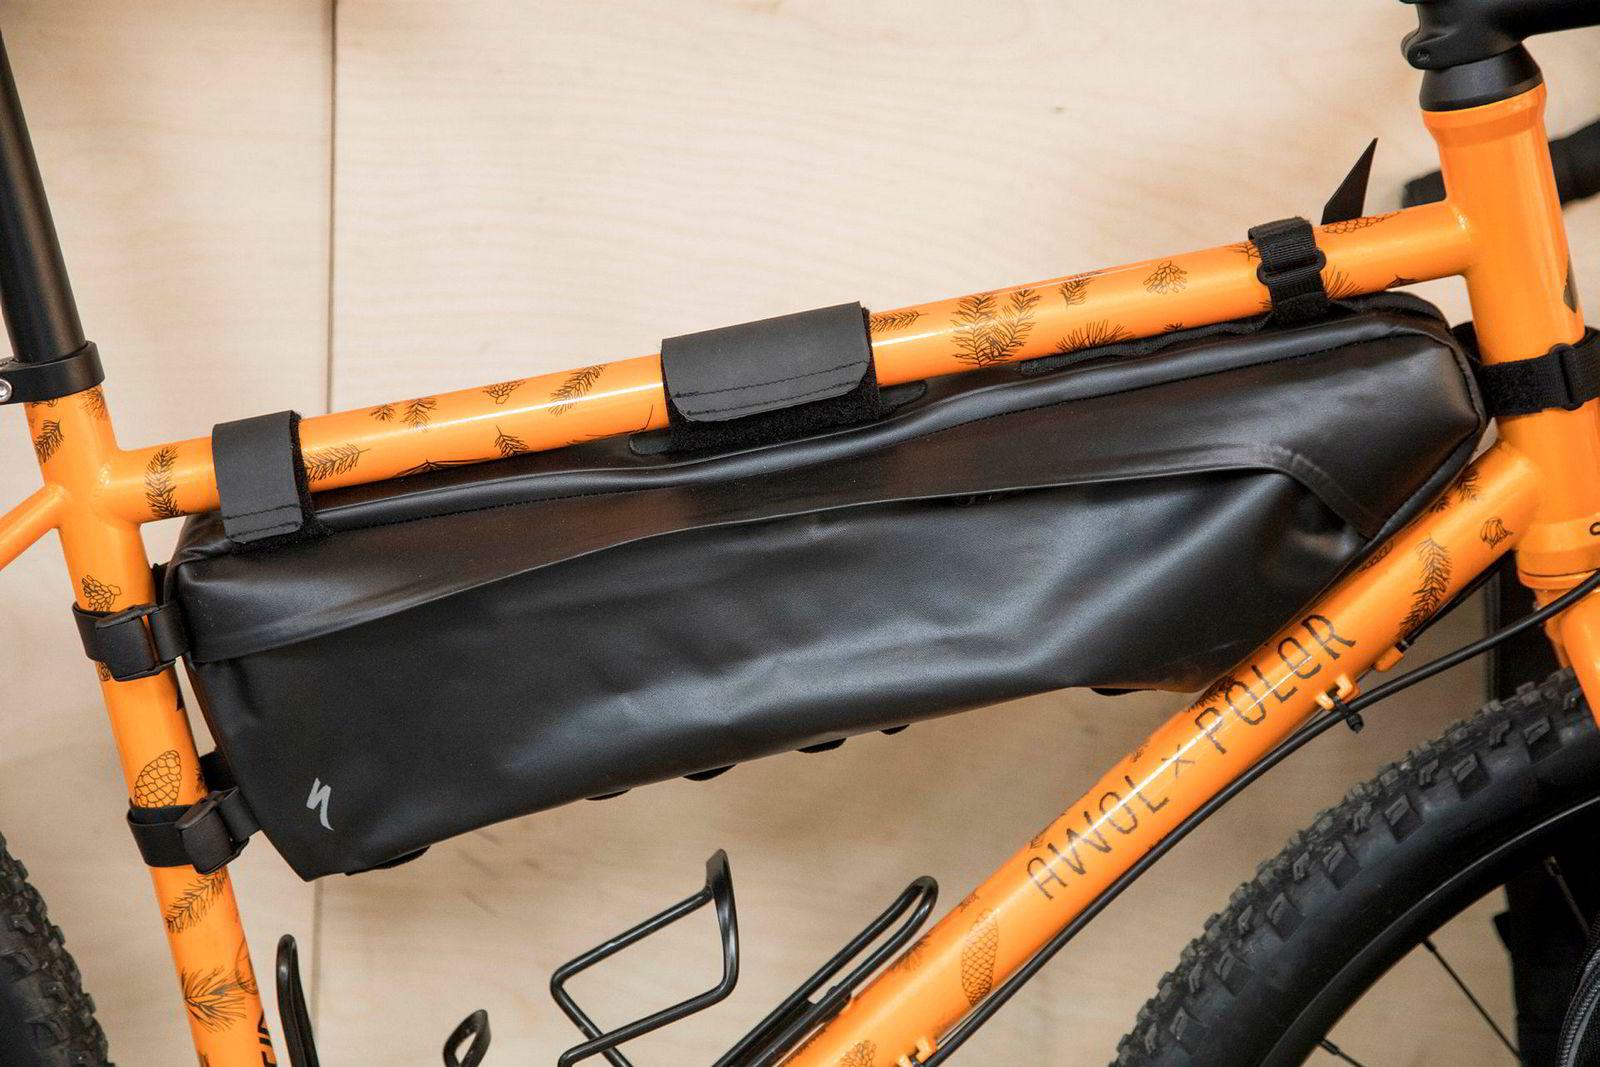 Nye sykkelvesker som kan festes på rammen gjør mini-utflukter med overnatting mulig. Denne typen rommer åtte liter.